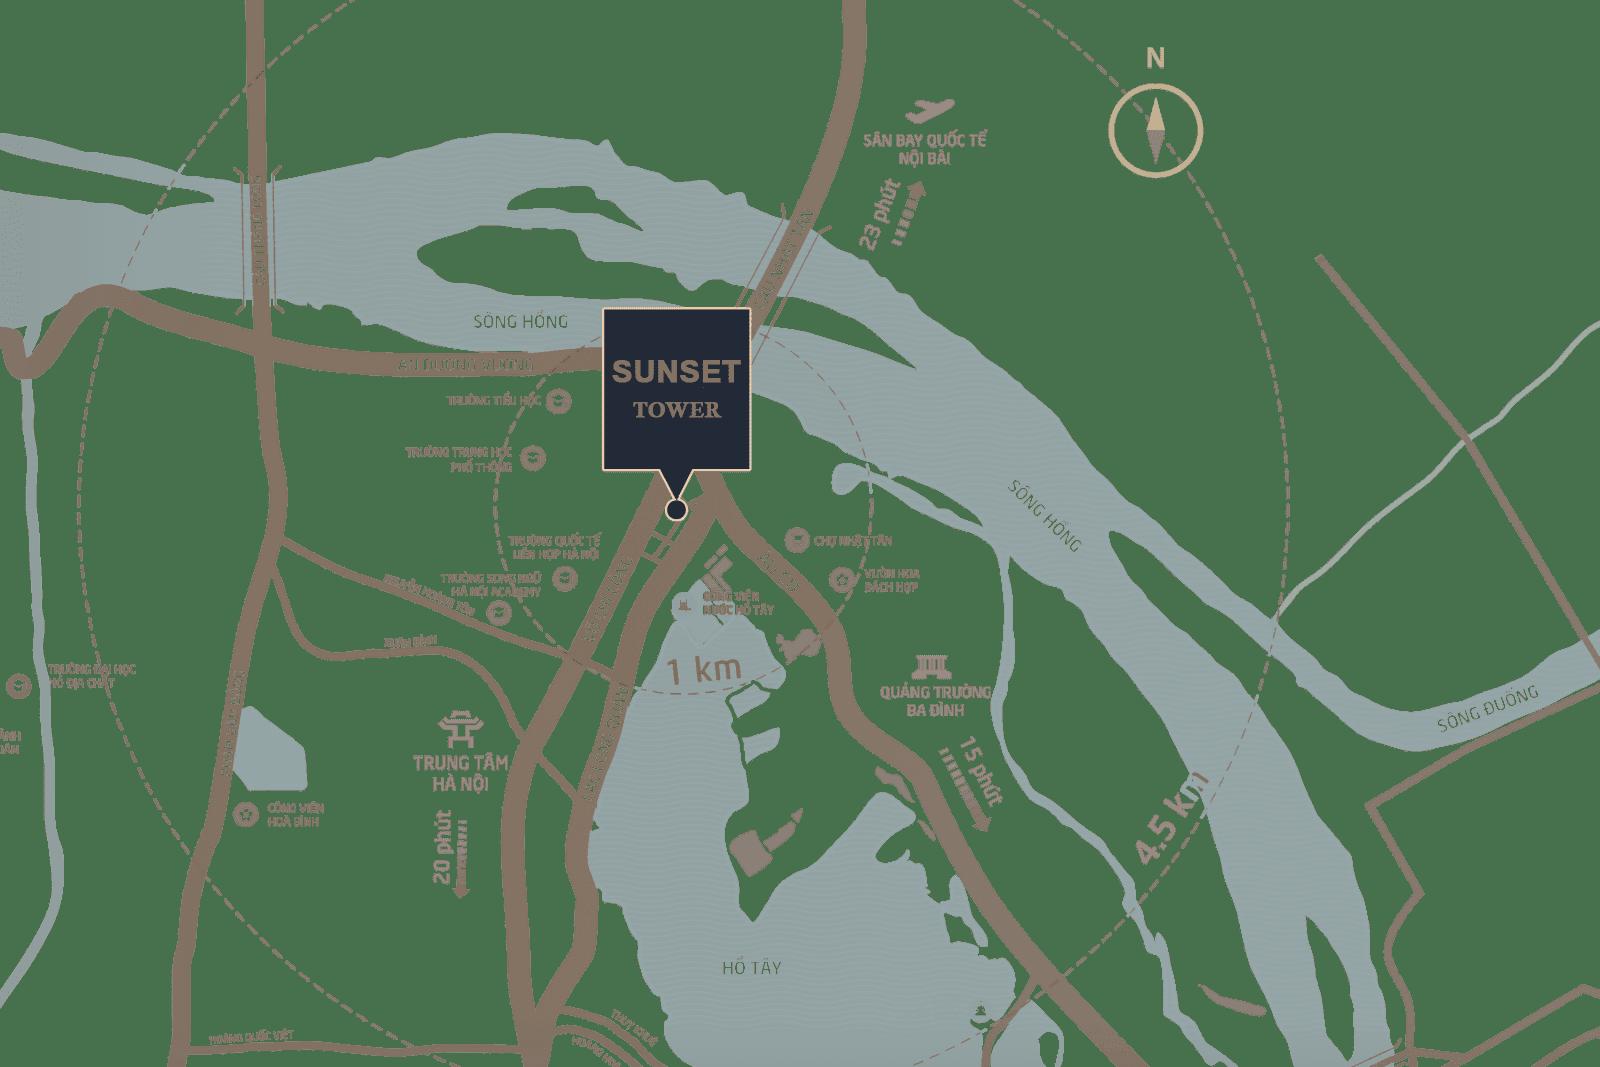 Chung cư Sunset Tower có vị trí đắc địa hàng đầu Tây Hồ.